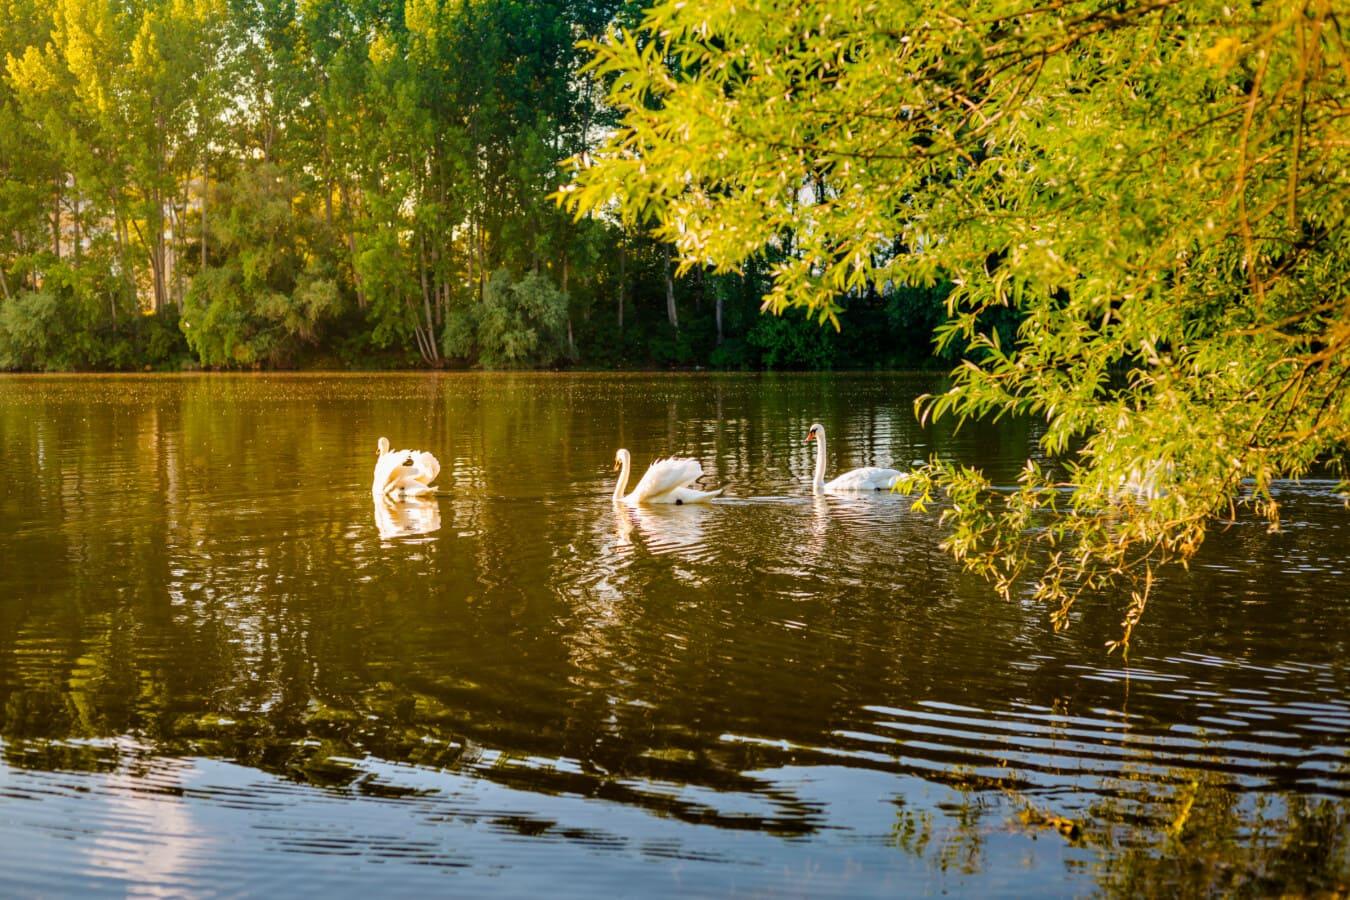 Sommersaison, am See, Sonnenschein, Schwimmen, Schwan, Vögel, Fluss, Wasser, Struktur, Wald